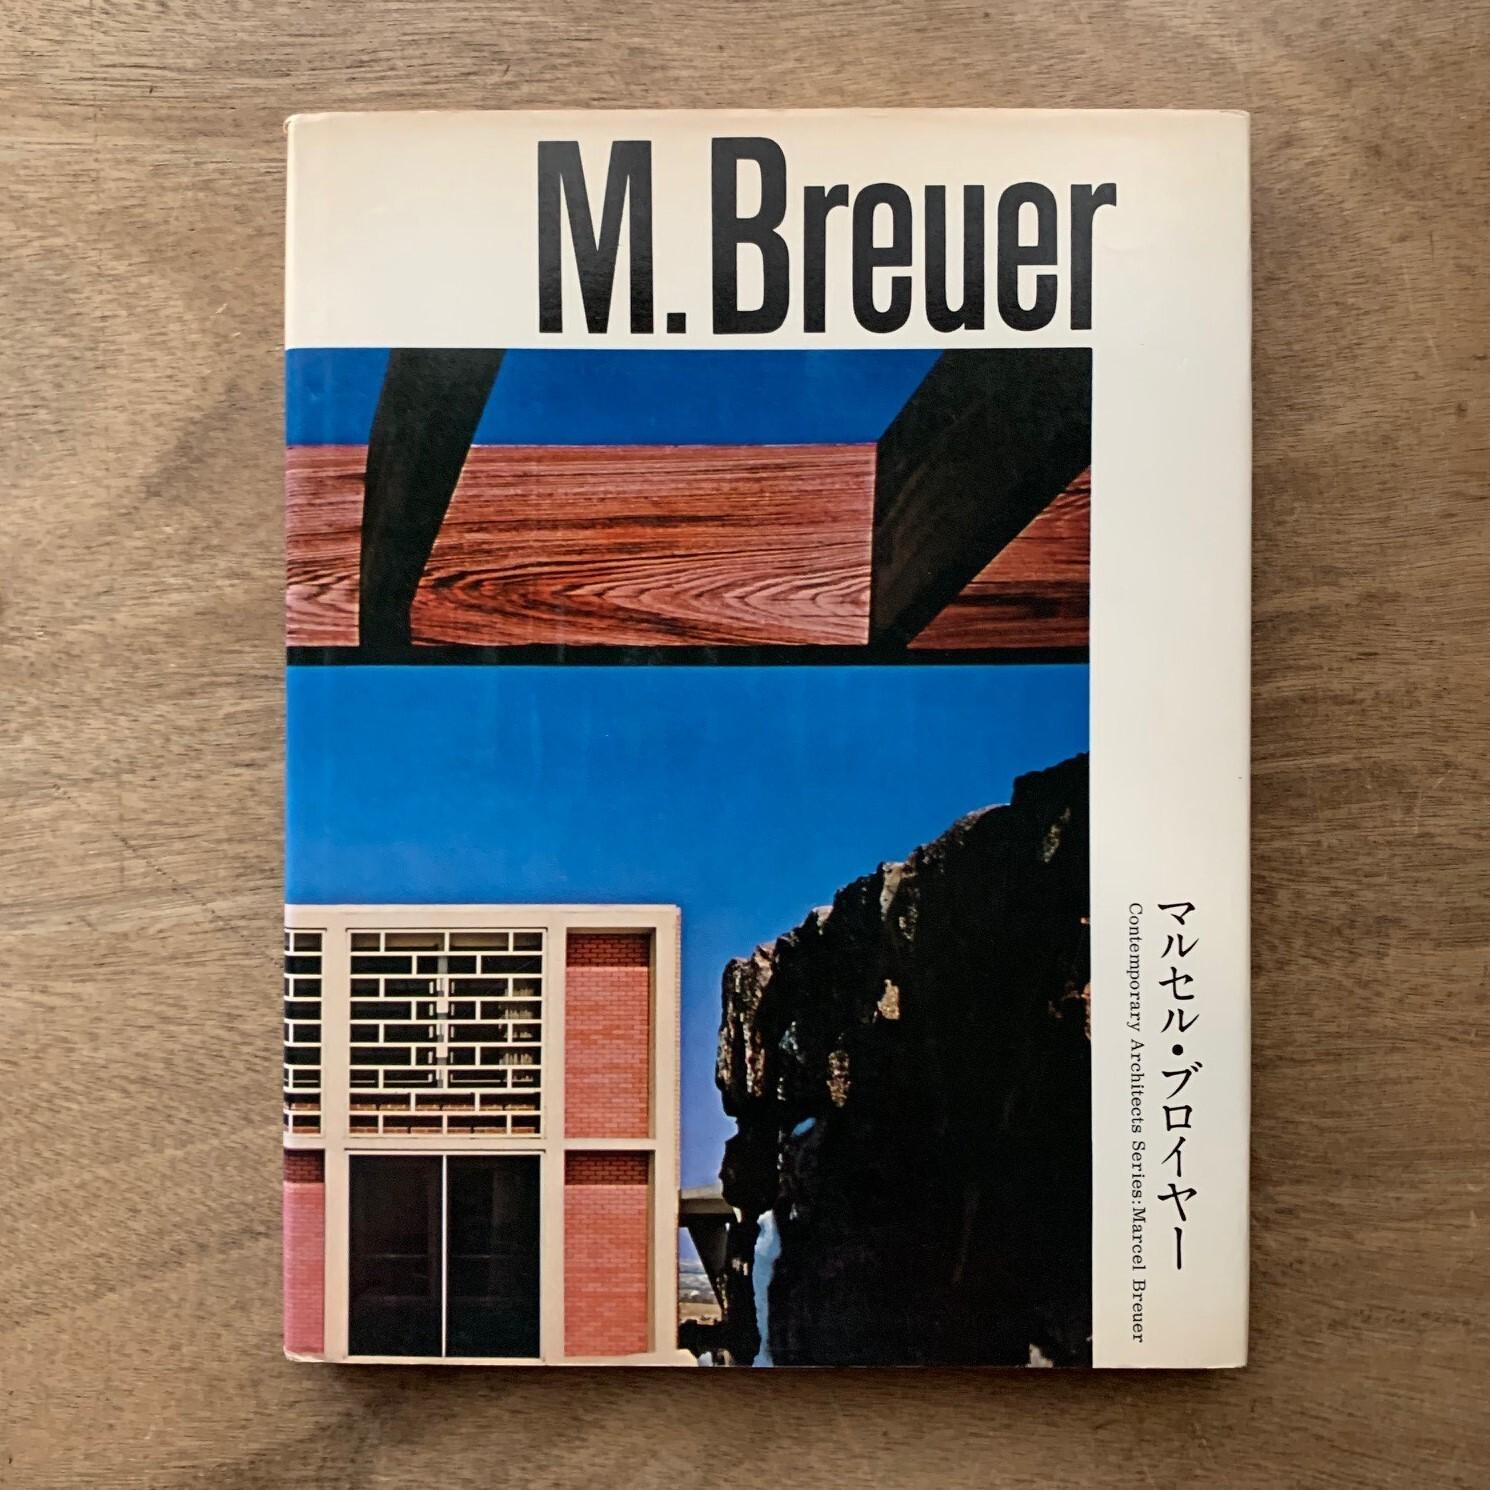 マルセル・ブロイヤー / 現代建築家シリーズ